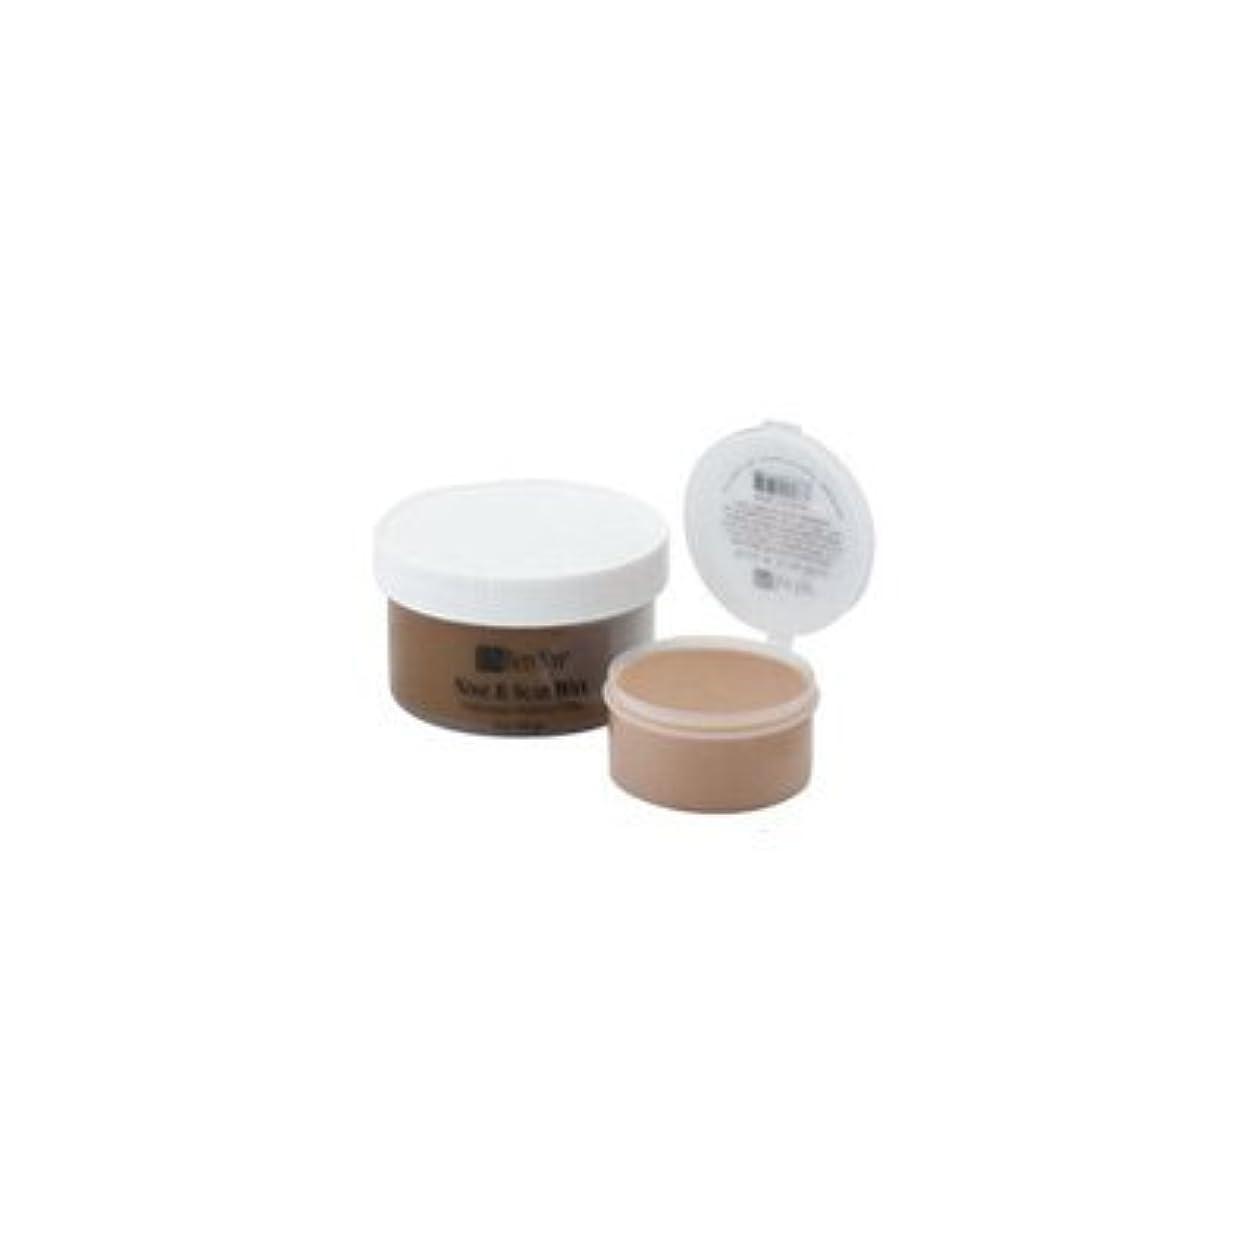 依存イタリアのフレア三善  ベンナイ化粧品  メークアップワックス 傷メーク用 褐色肌の粘土状素材  コスプレメイク  ハロウィンメイク 226g BW-3 (H)(C)